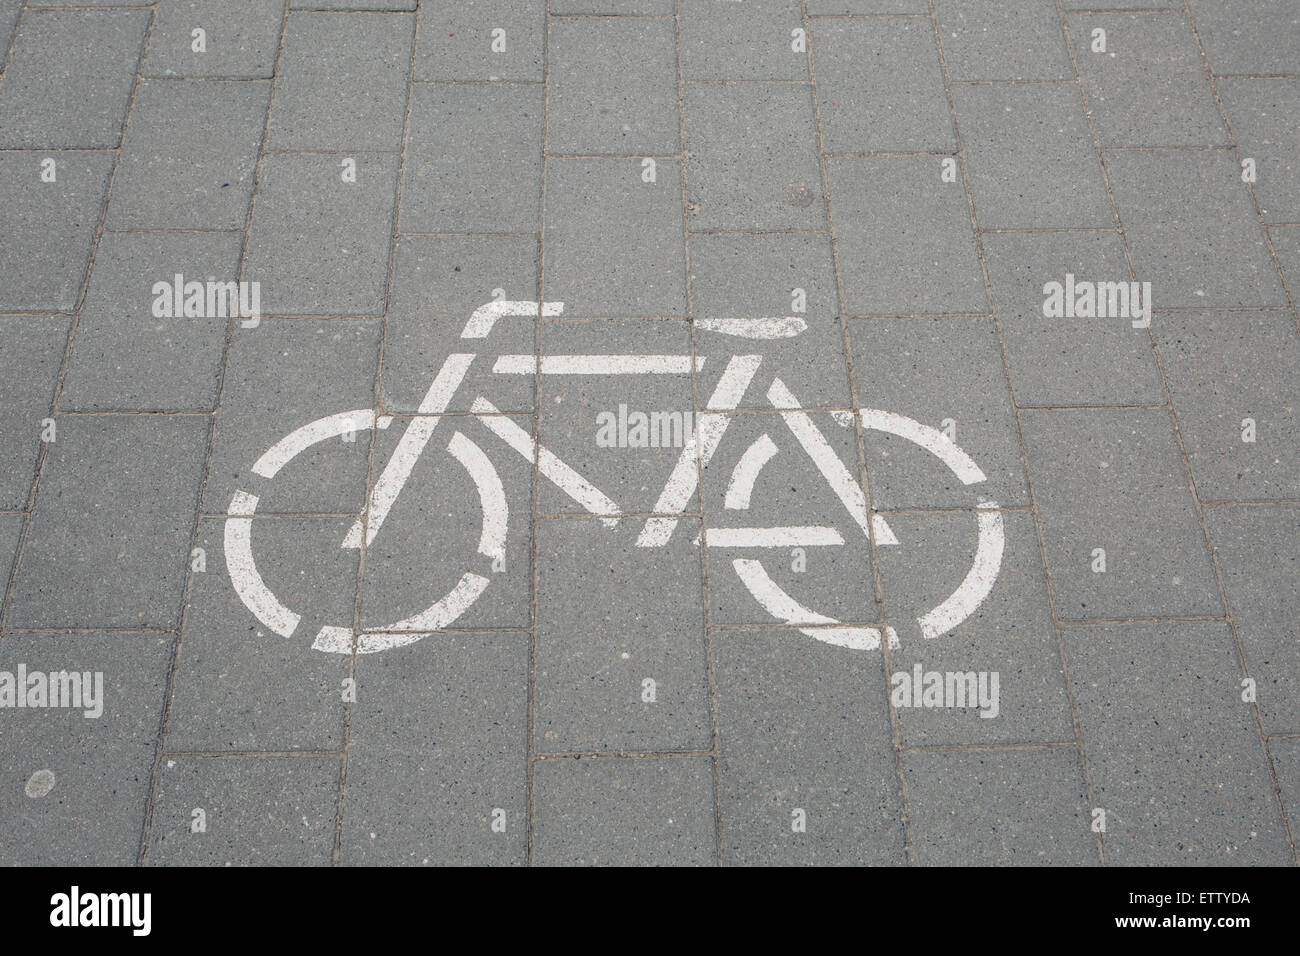 Deutschland, Piktogramm ein Fahrradweg Stockbild